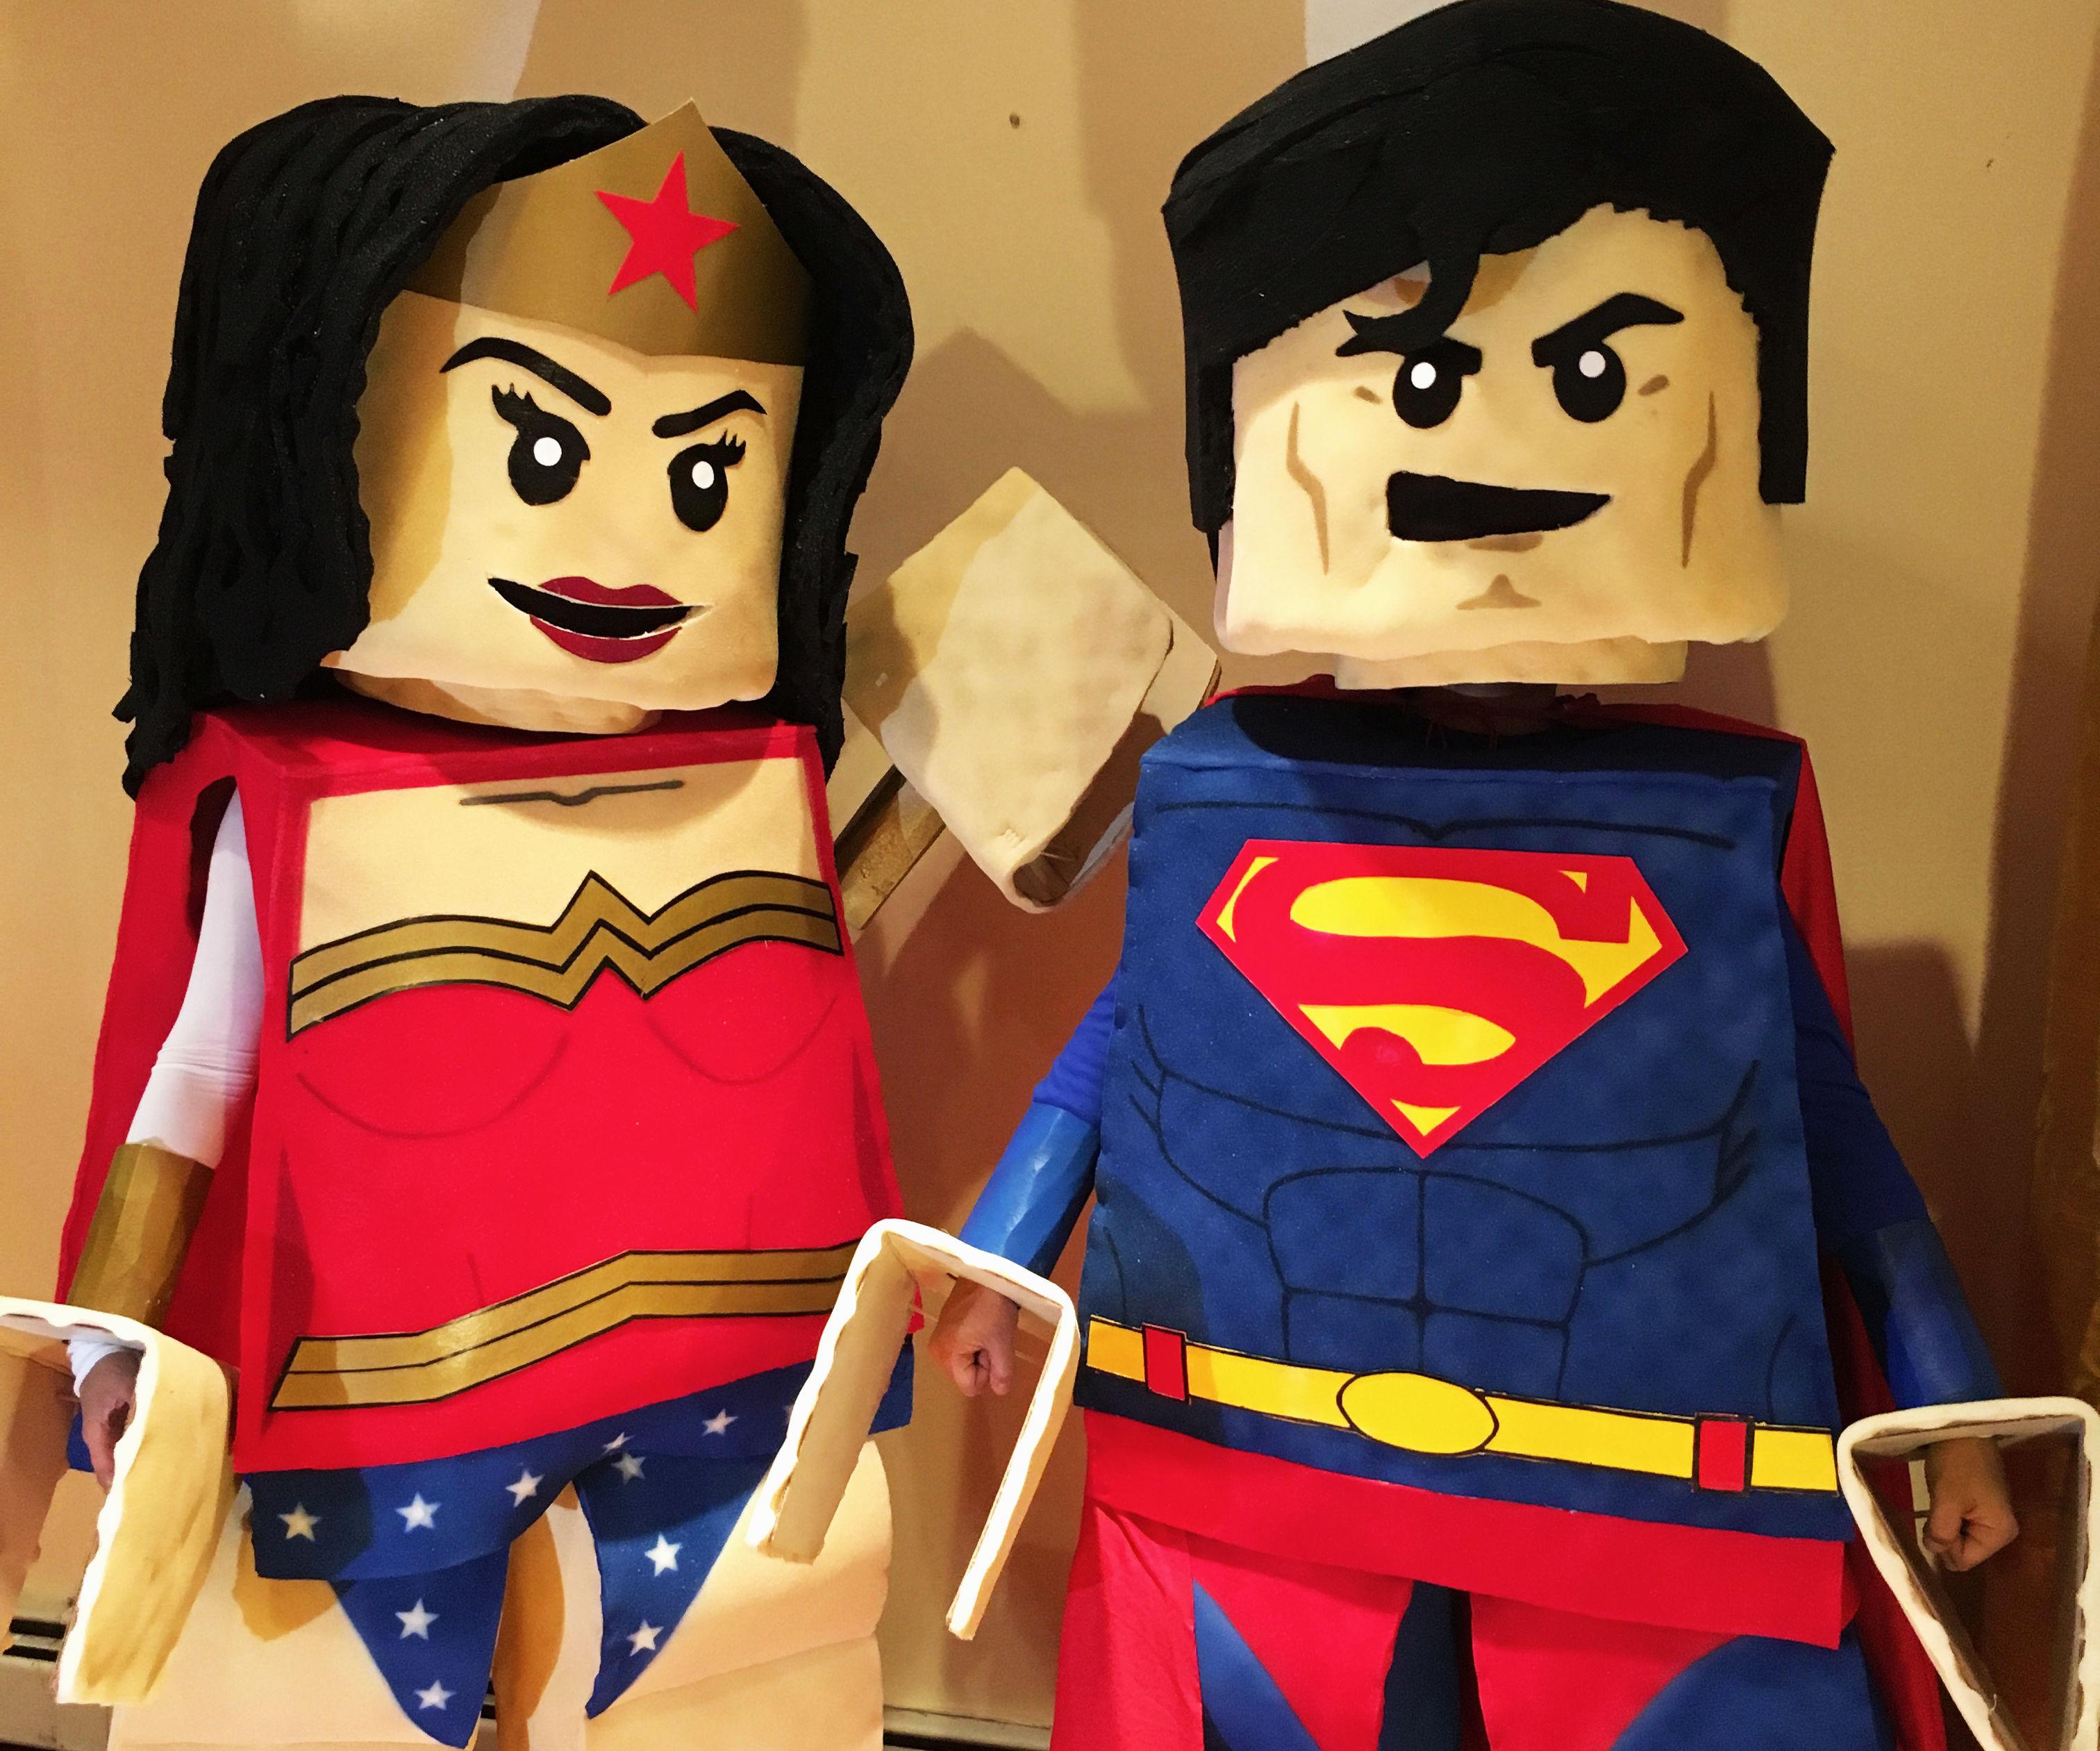 LEGO Superman & LEGO Wonder Woman